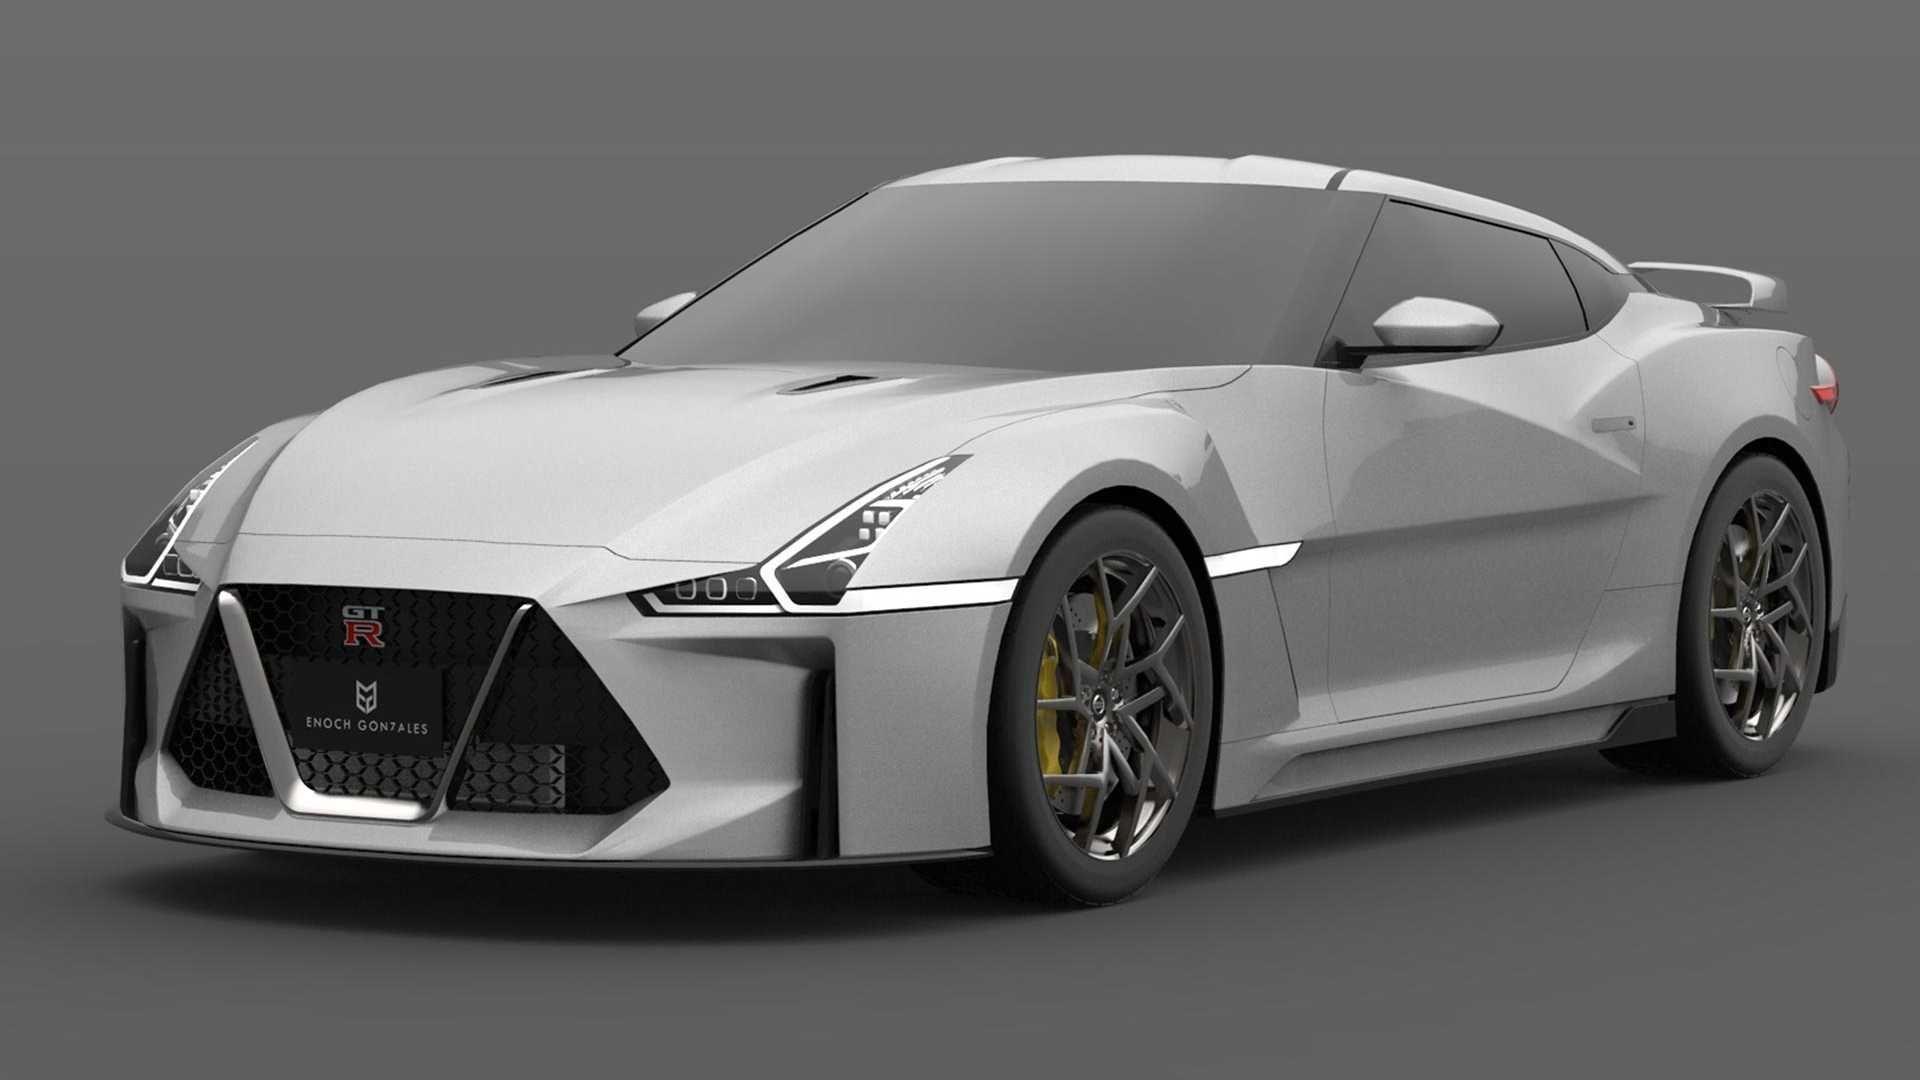 Nissan Gtr 2021 Idea Spesification In 2020 Gtr Nismo Nissan Gtr Nismo New Nissan Gtr